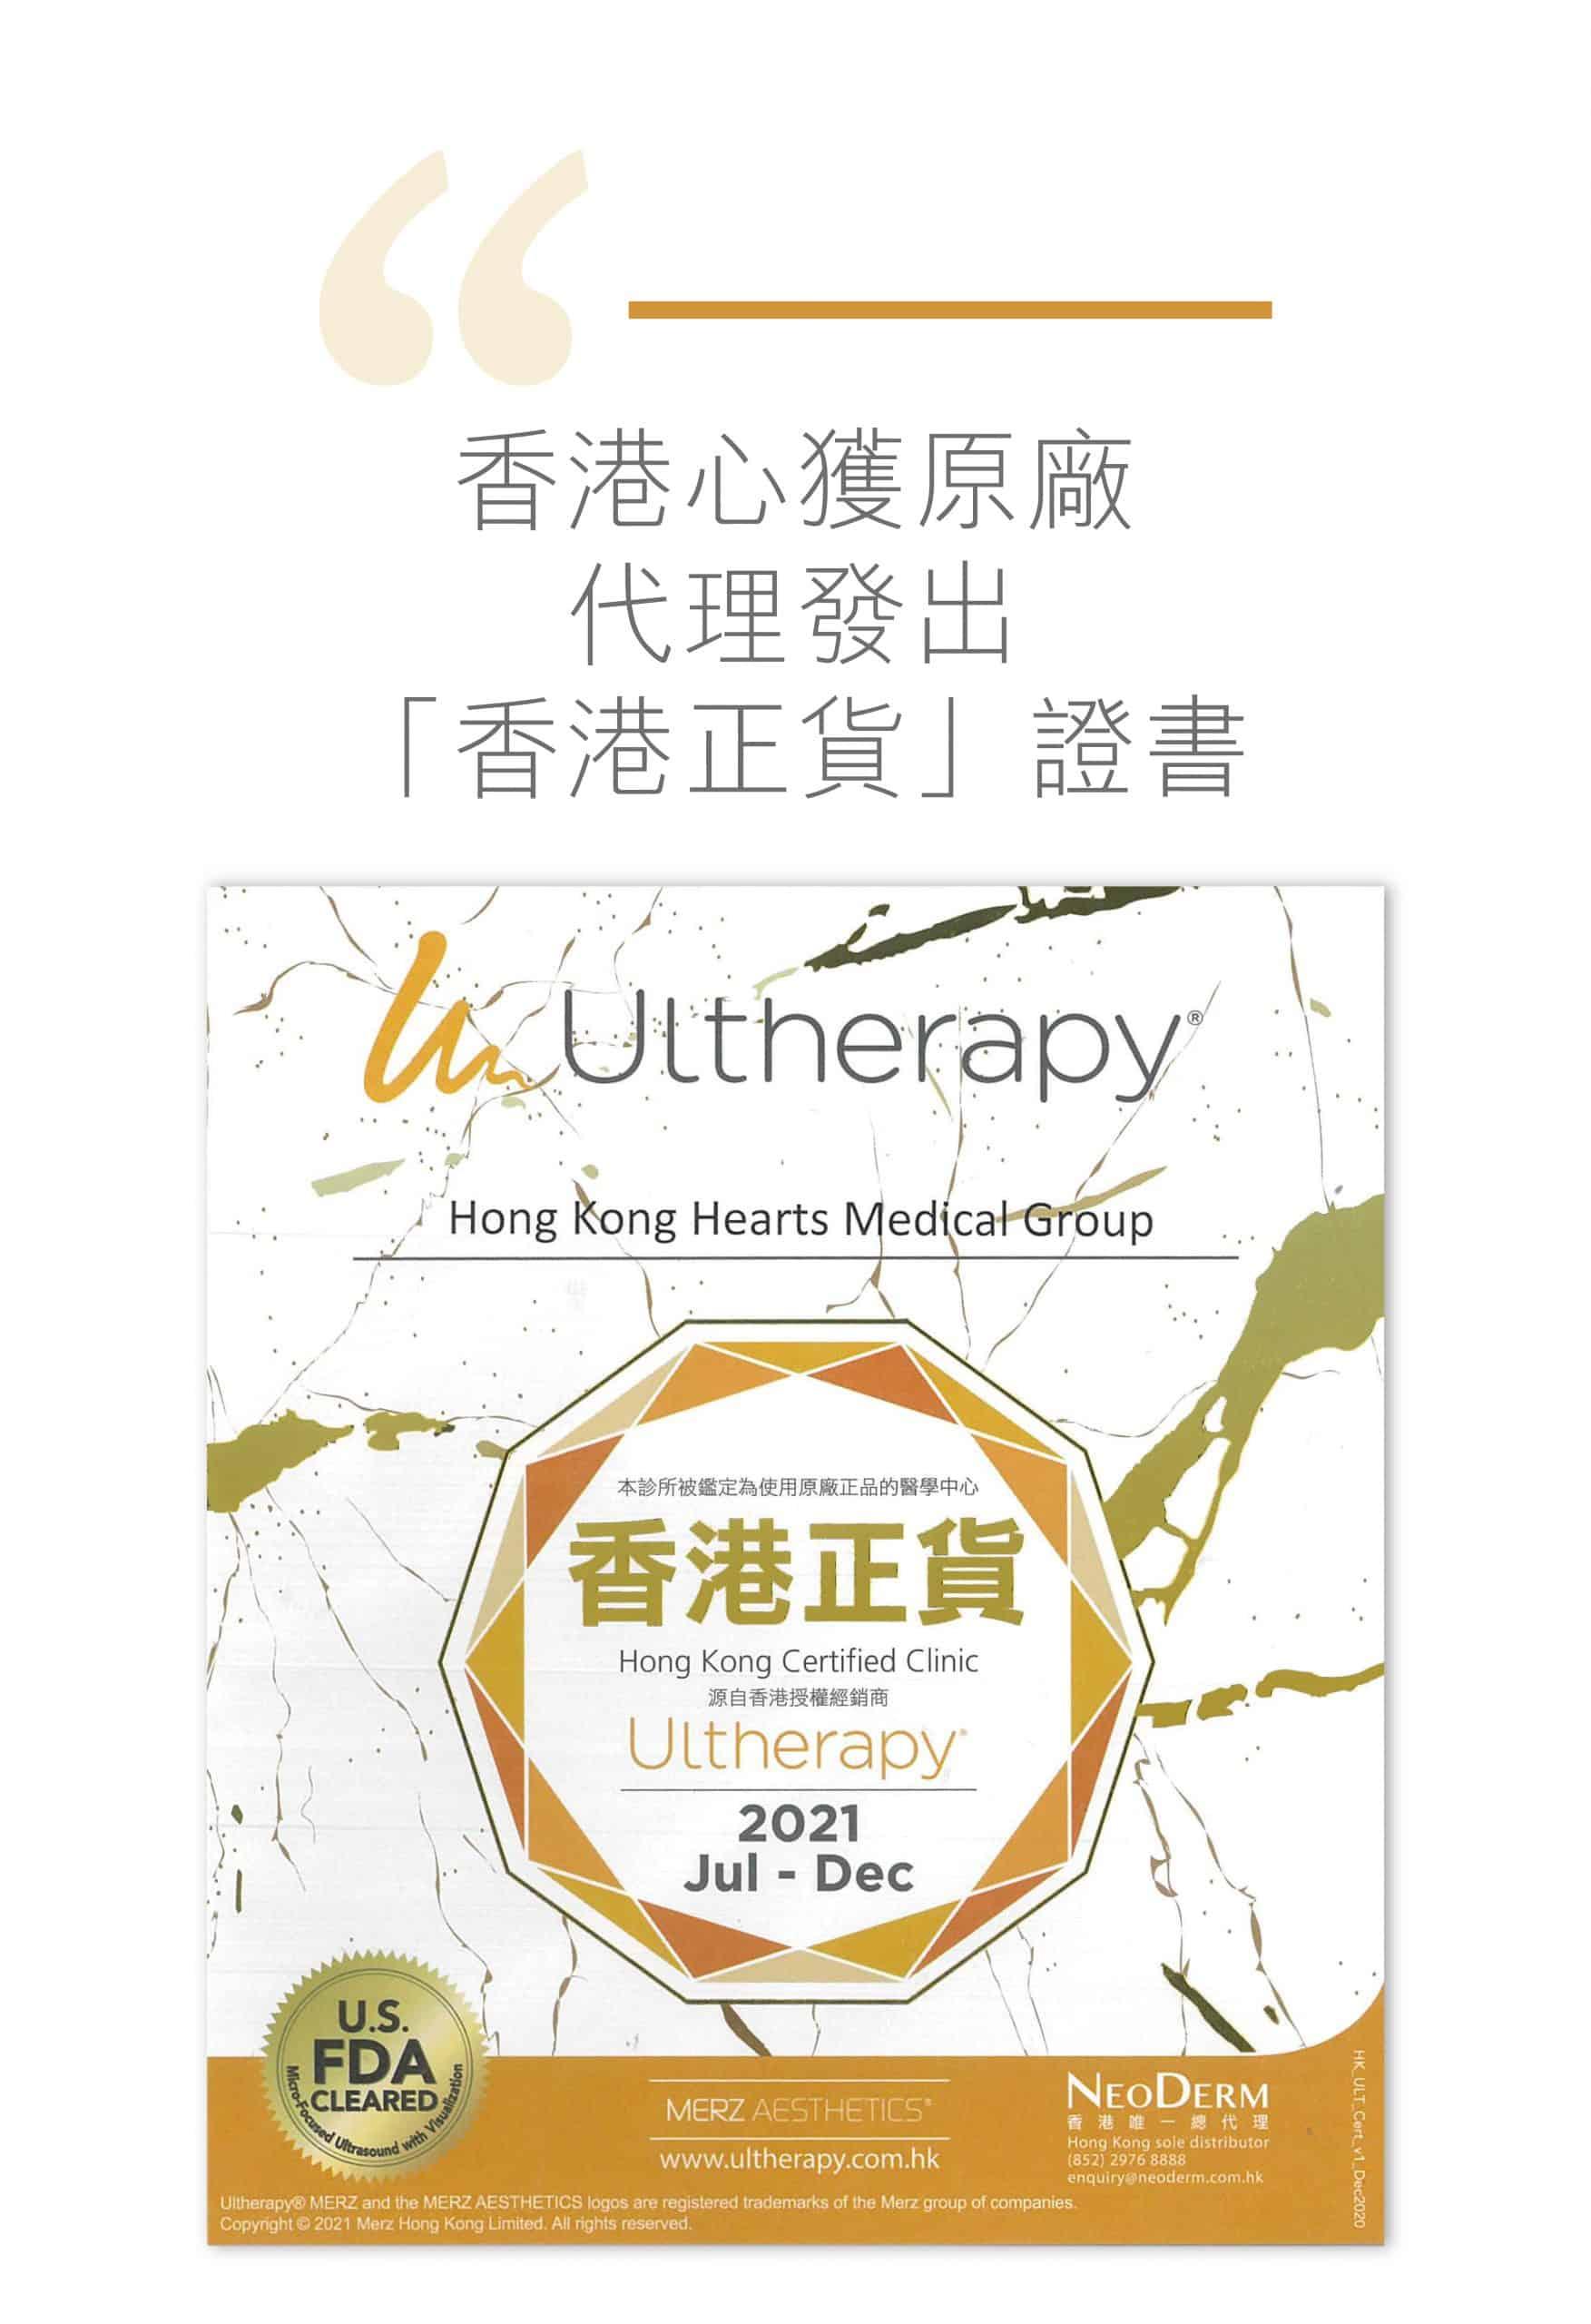 hifu Ulthera Update 03 1 scaled